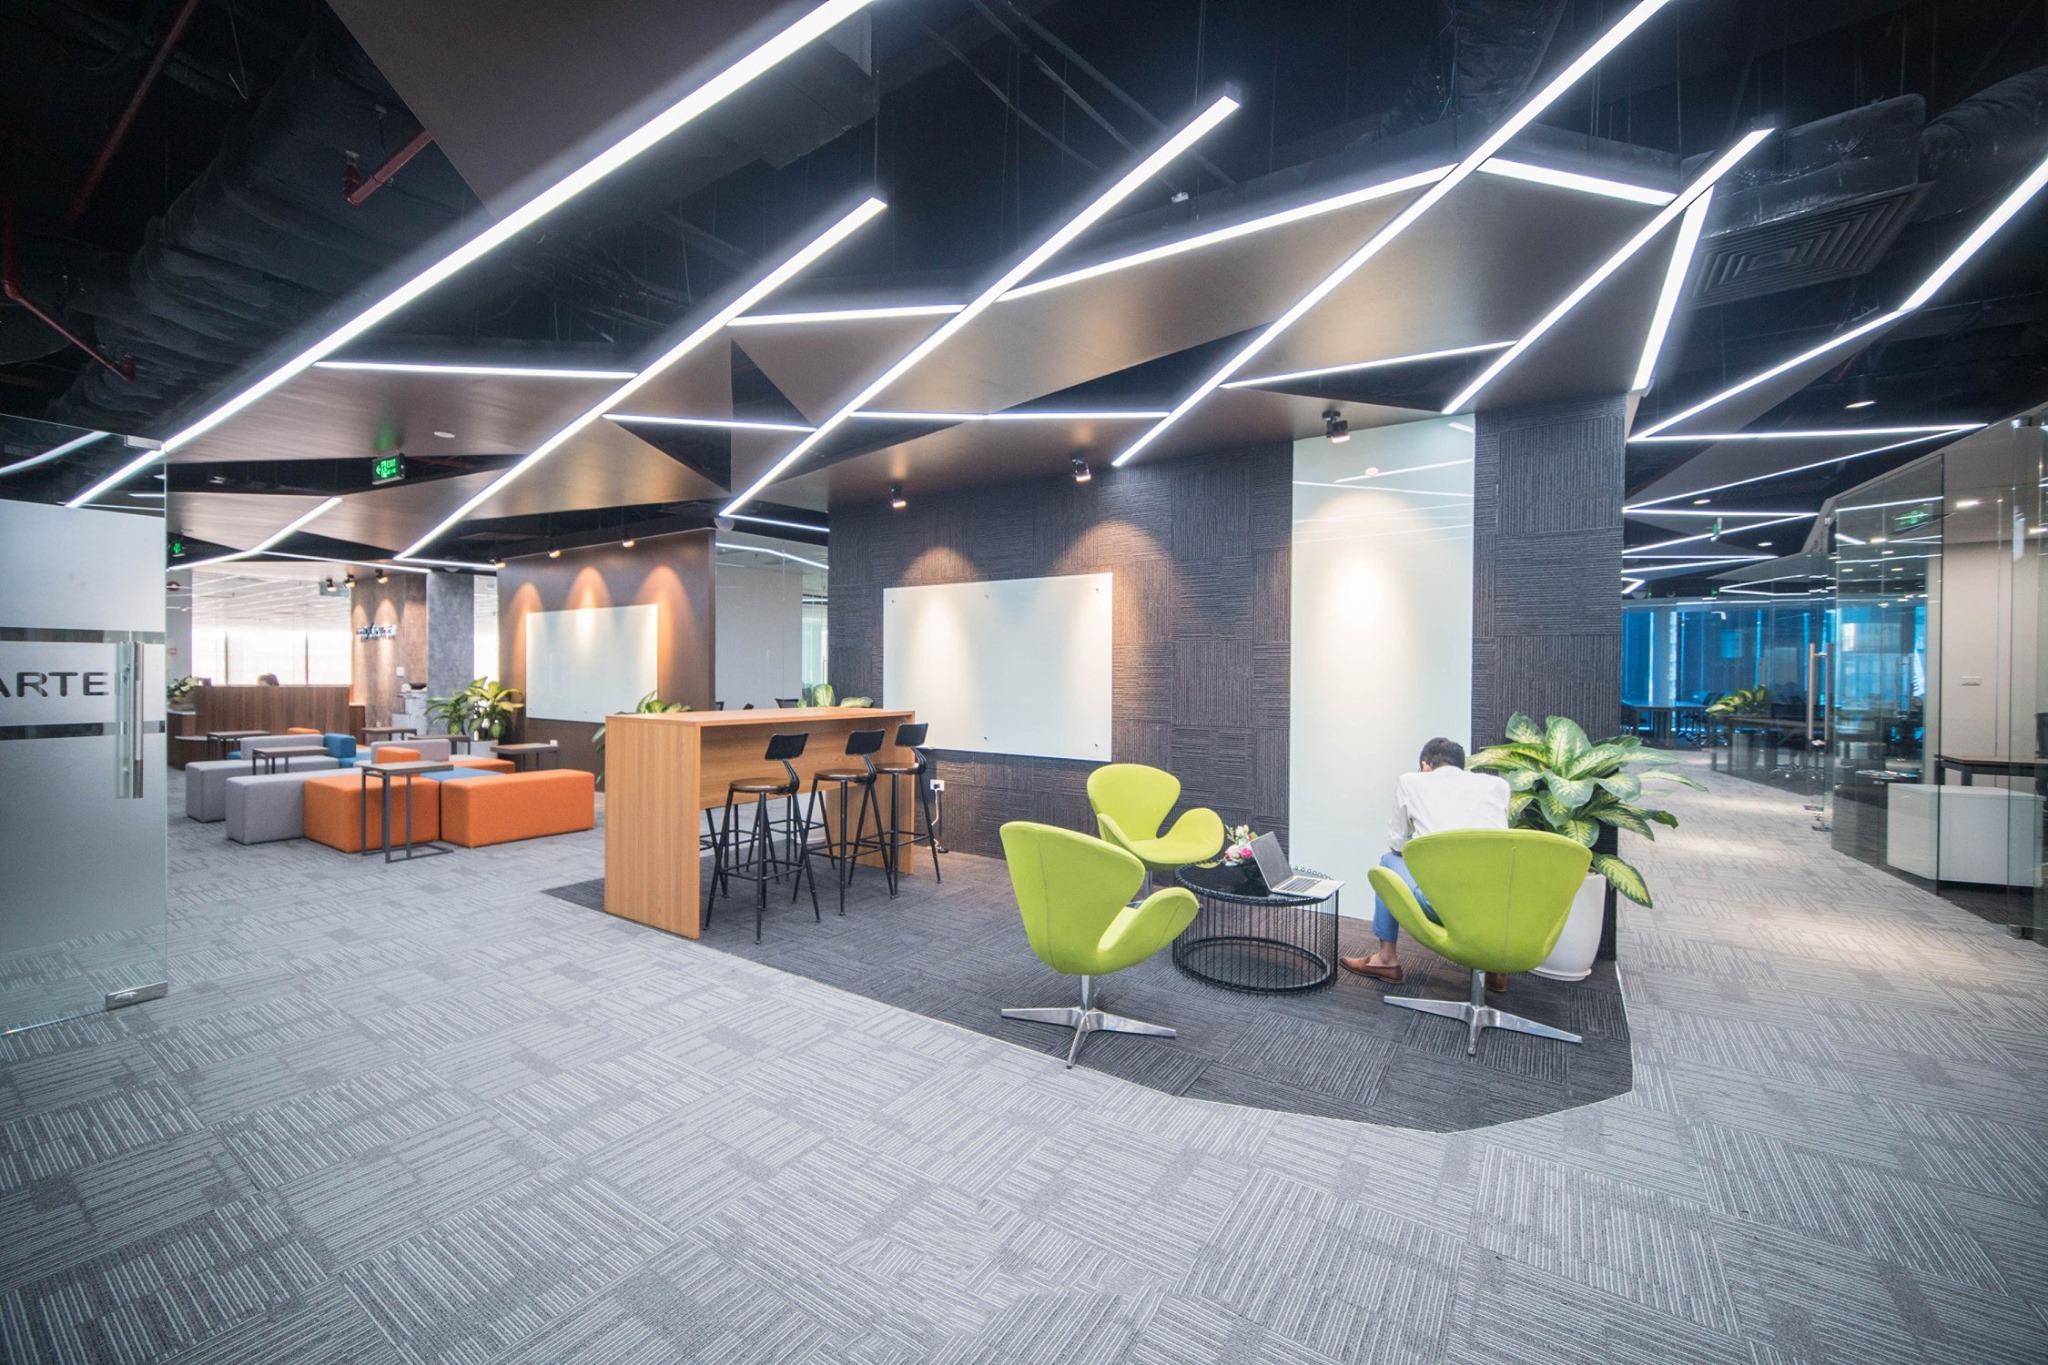 Không gian nội thất được thiết kế tinh tế từ ánh sang cho đến nội thất